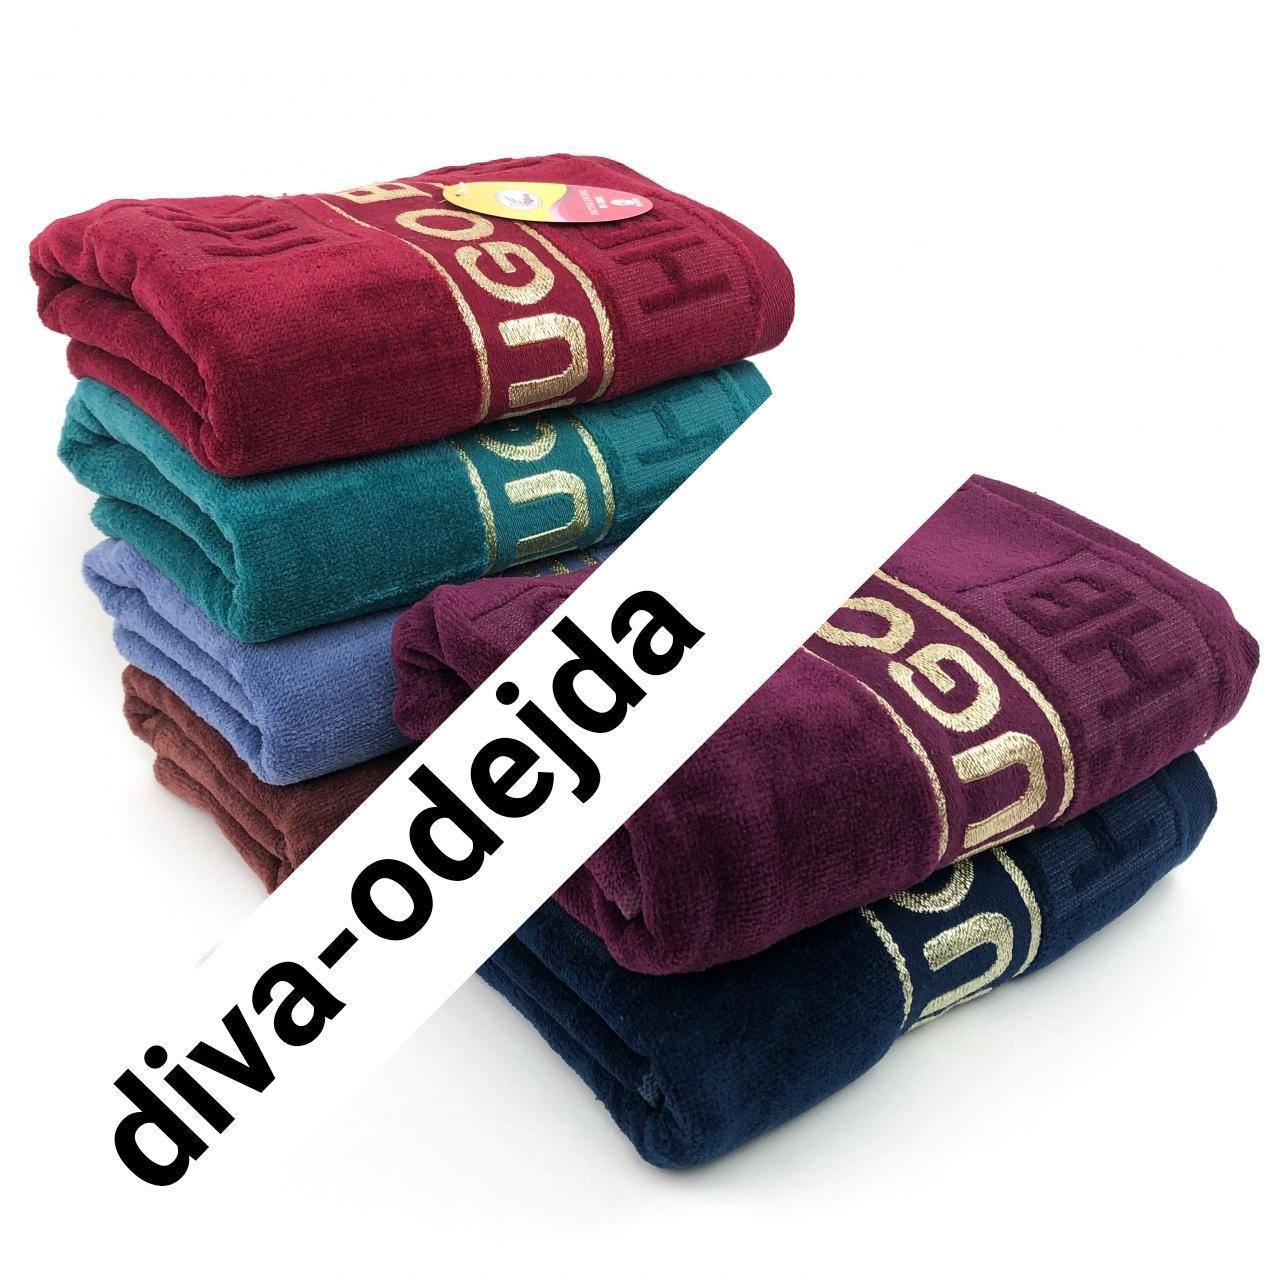 Качественное банное полотенце. Размер:1,4 x 0,7